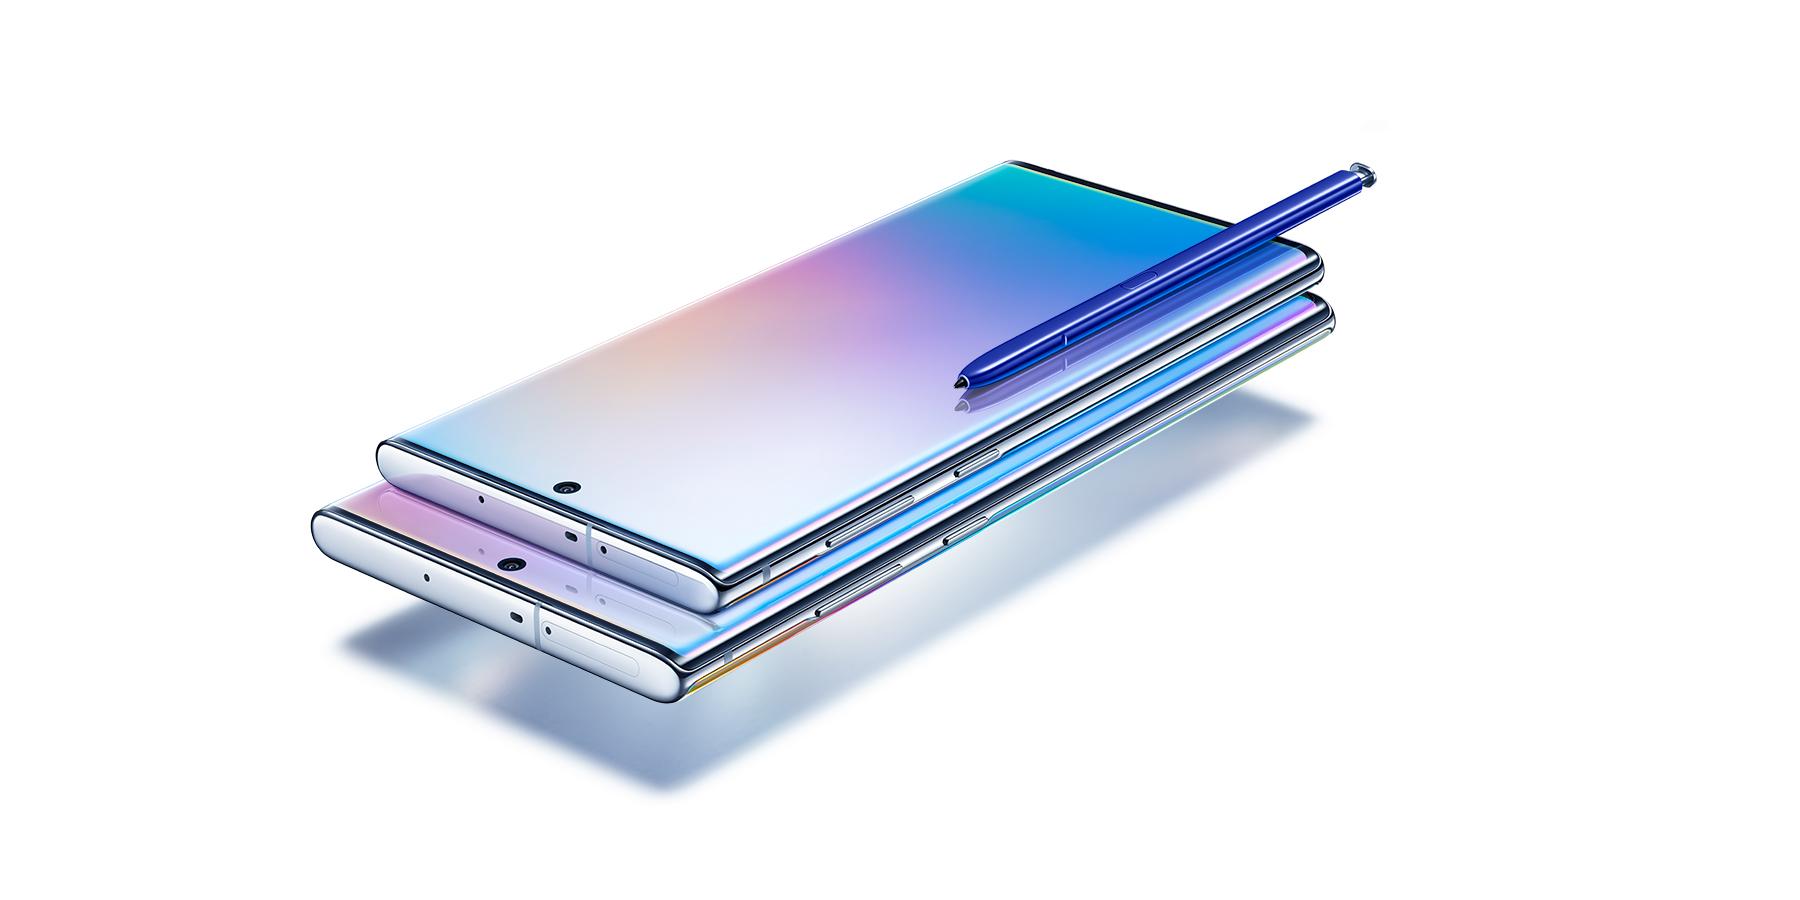 Samsung го претстави Galaxy Note10: Дизајниран за врвно корисничко искуство со перформанси за новите генерации